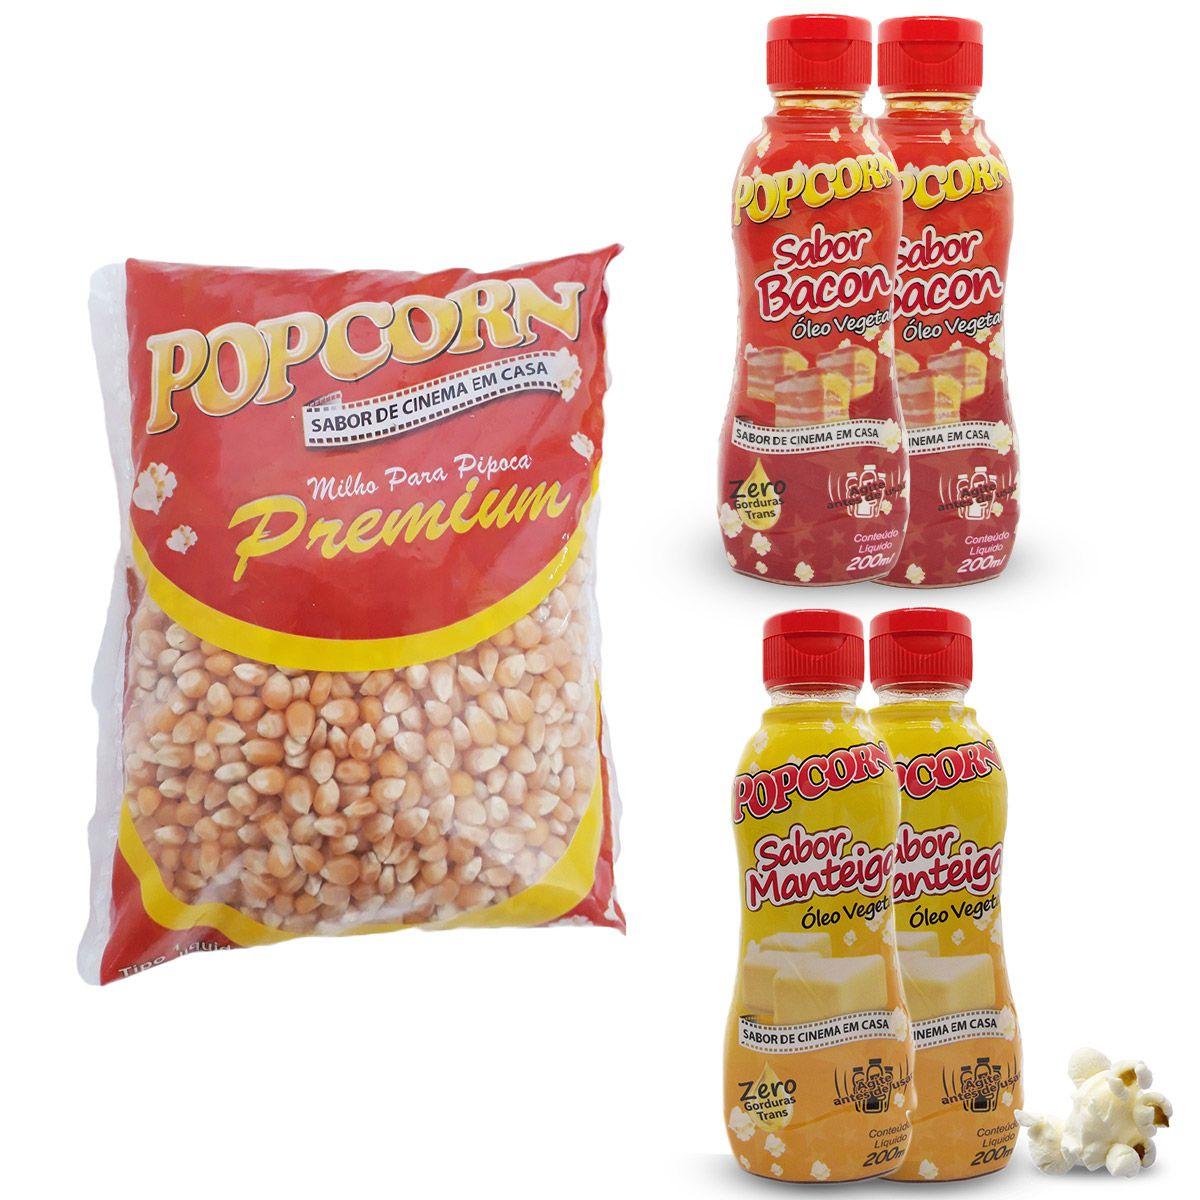 Pipoca com sabor de cinema em casa - Óleo Vegetal Sabor Manteiga e Bacon 2 unidades cada + 500g Milho Premium.